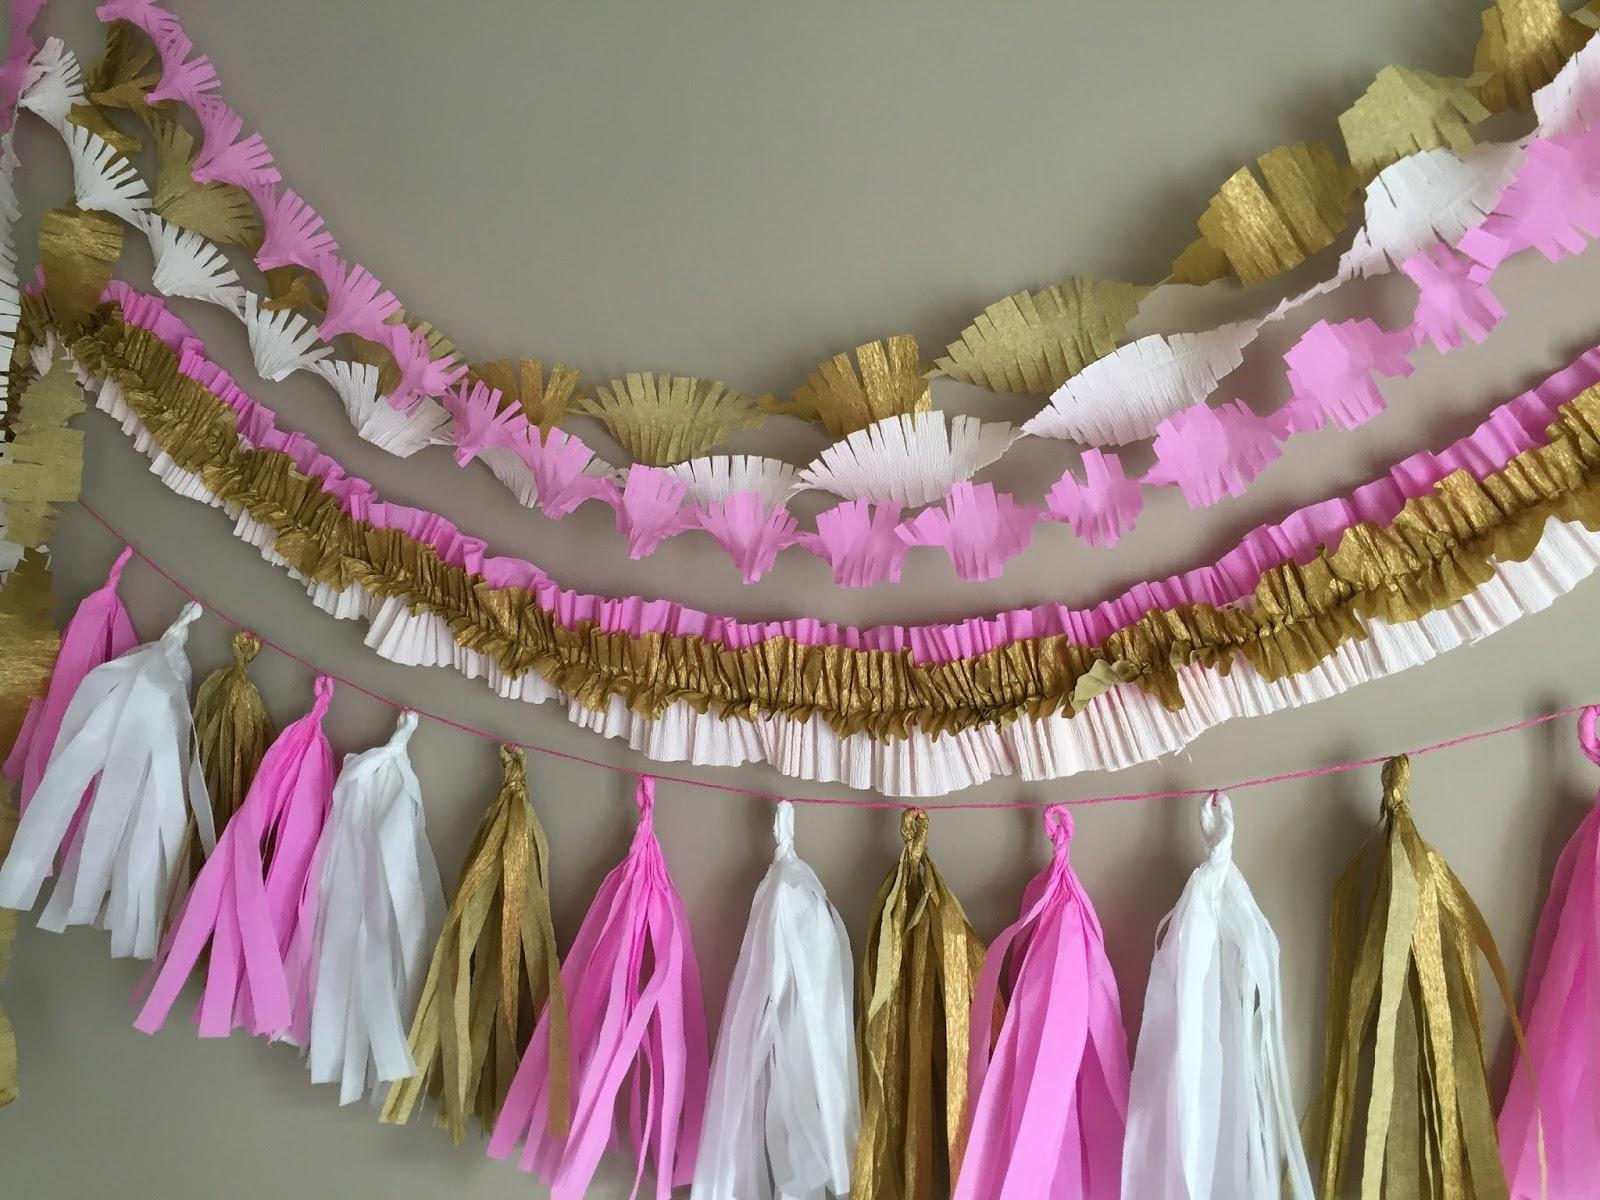 decorar tanto un cumpleaos o fiesta como un dormitorio infantil o cualquier rincn de la casa hoy te muestro cmo hacer 3 modelos de guirnaldas hechas - Hacer Guirnaldas